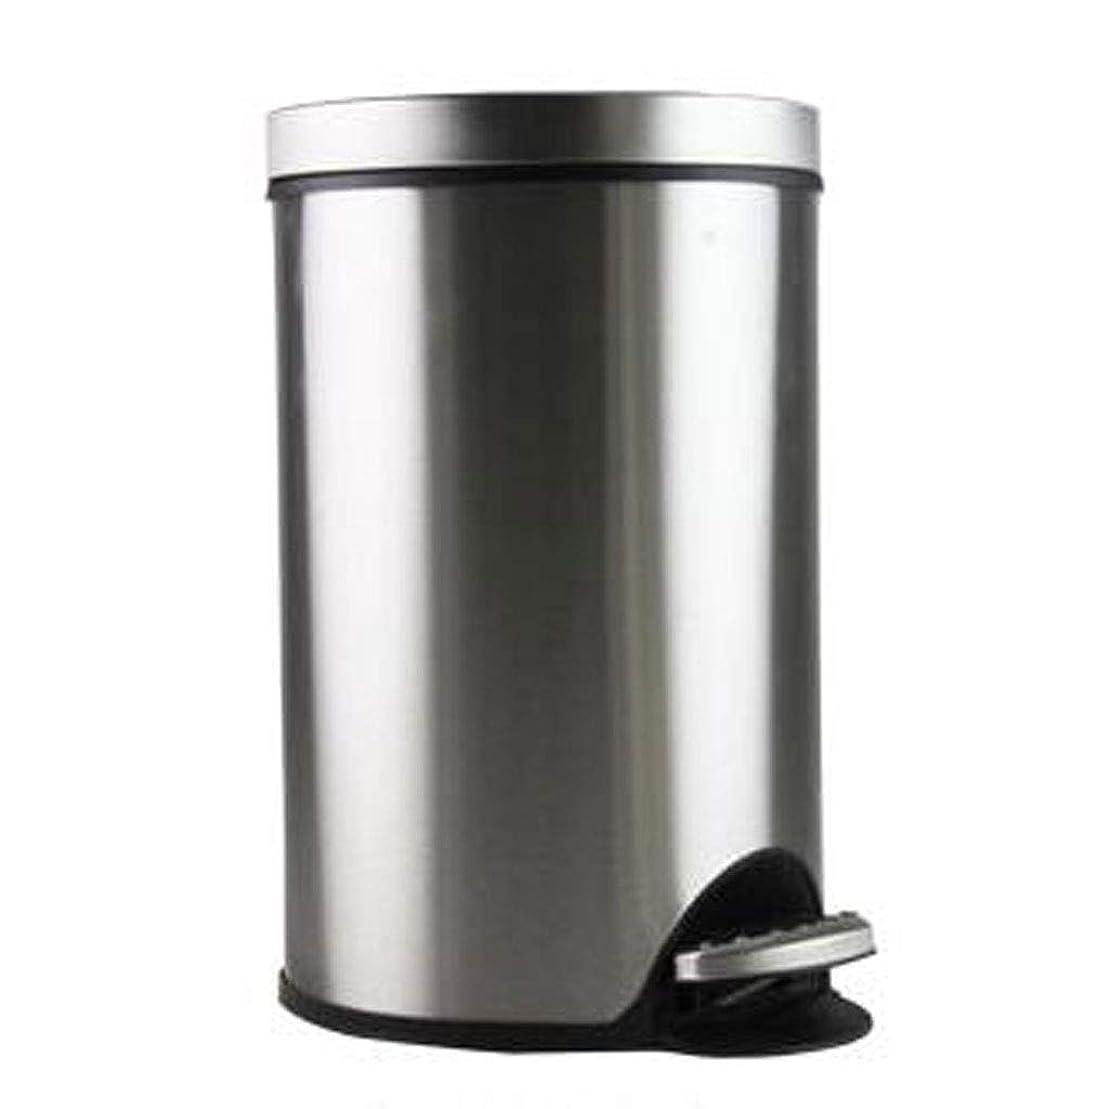 回転させる交響曲合意LIRIDP ラウンドゴミ箱ゴミ箱メタルゴミ箱ステンレススチールペダルキッチンベッドルームリビングルームバスルームオフィストイレサイレント5L屋内ゴミ箱(カラー:シルバー)